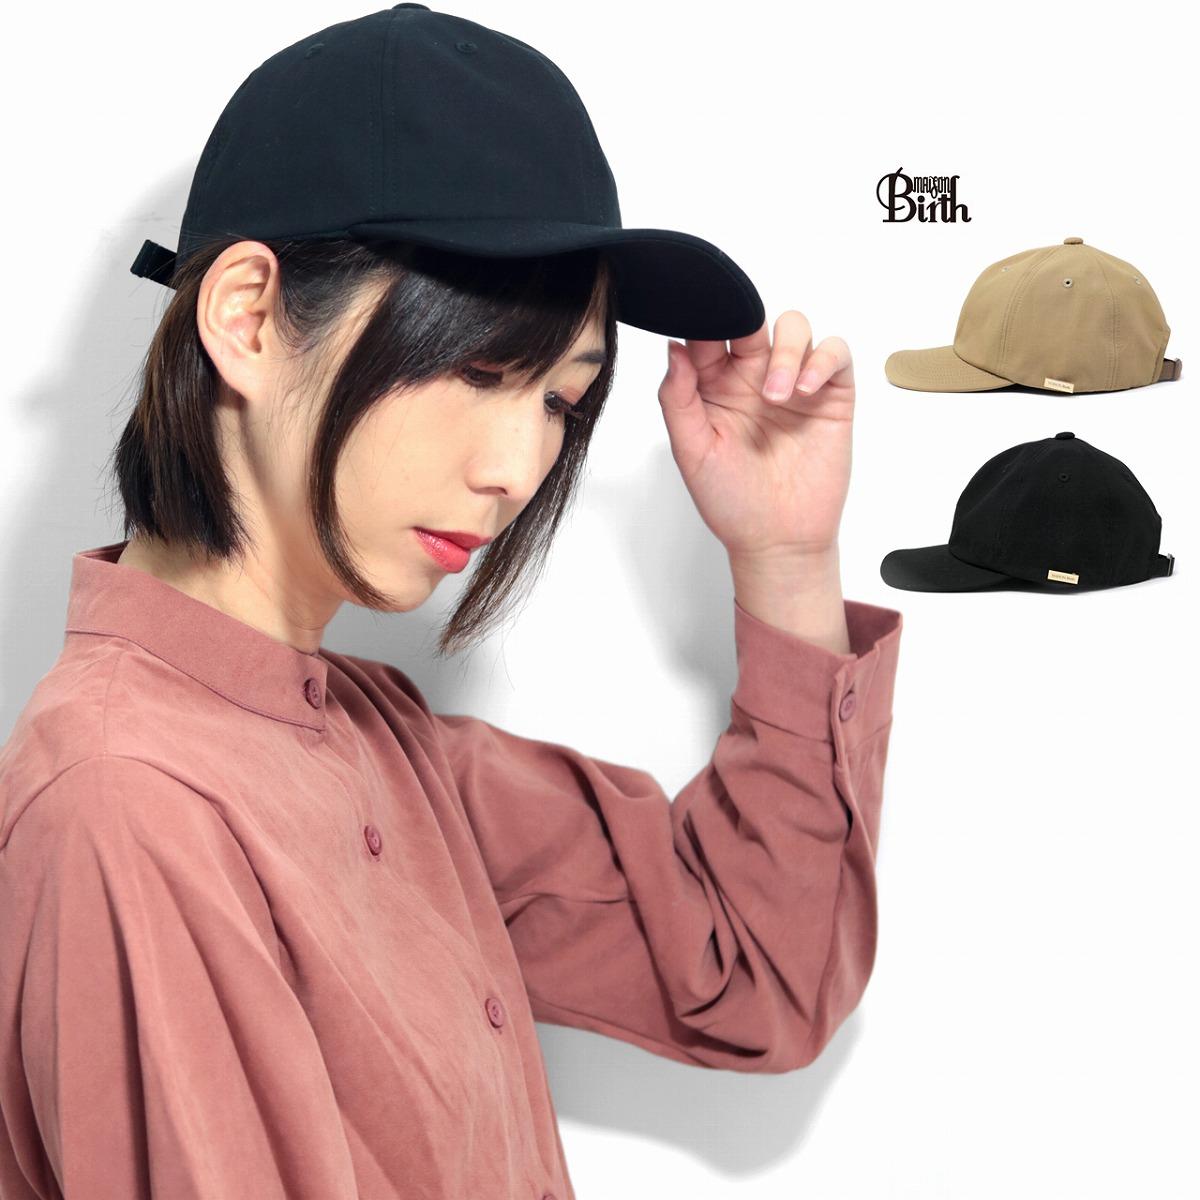 キャップ メンズ CORDURA サマーキャップ メゾンバース CAP 帽子 メンズ キャップ ユニセックス キャップ レディース 春 夏 MAISON Birth コーデュラ ベージュ ブラック[ cap ]ギフト ラッピング無料